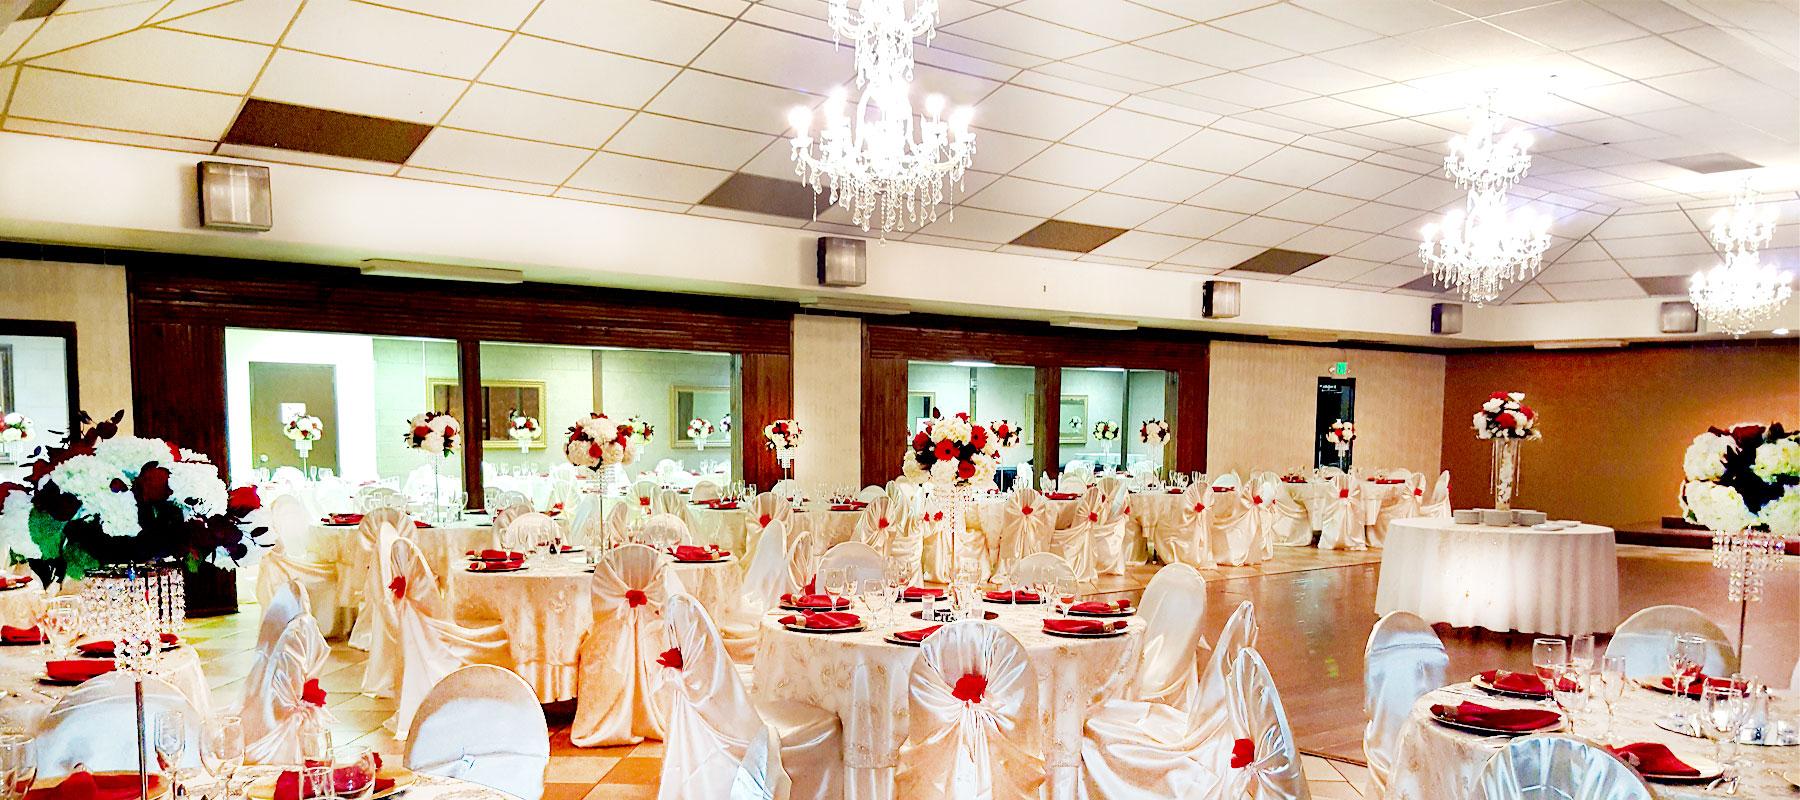 Salon de las reinas hacienda hall - Decoracion para la pared ...